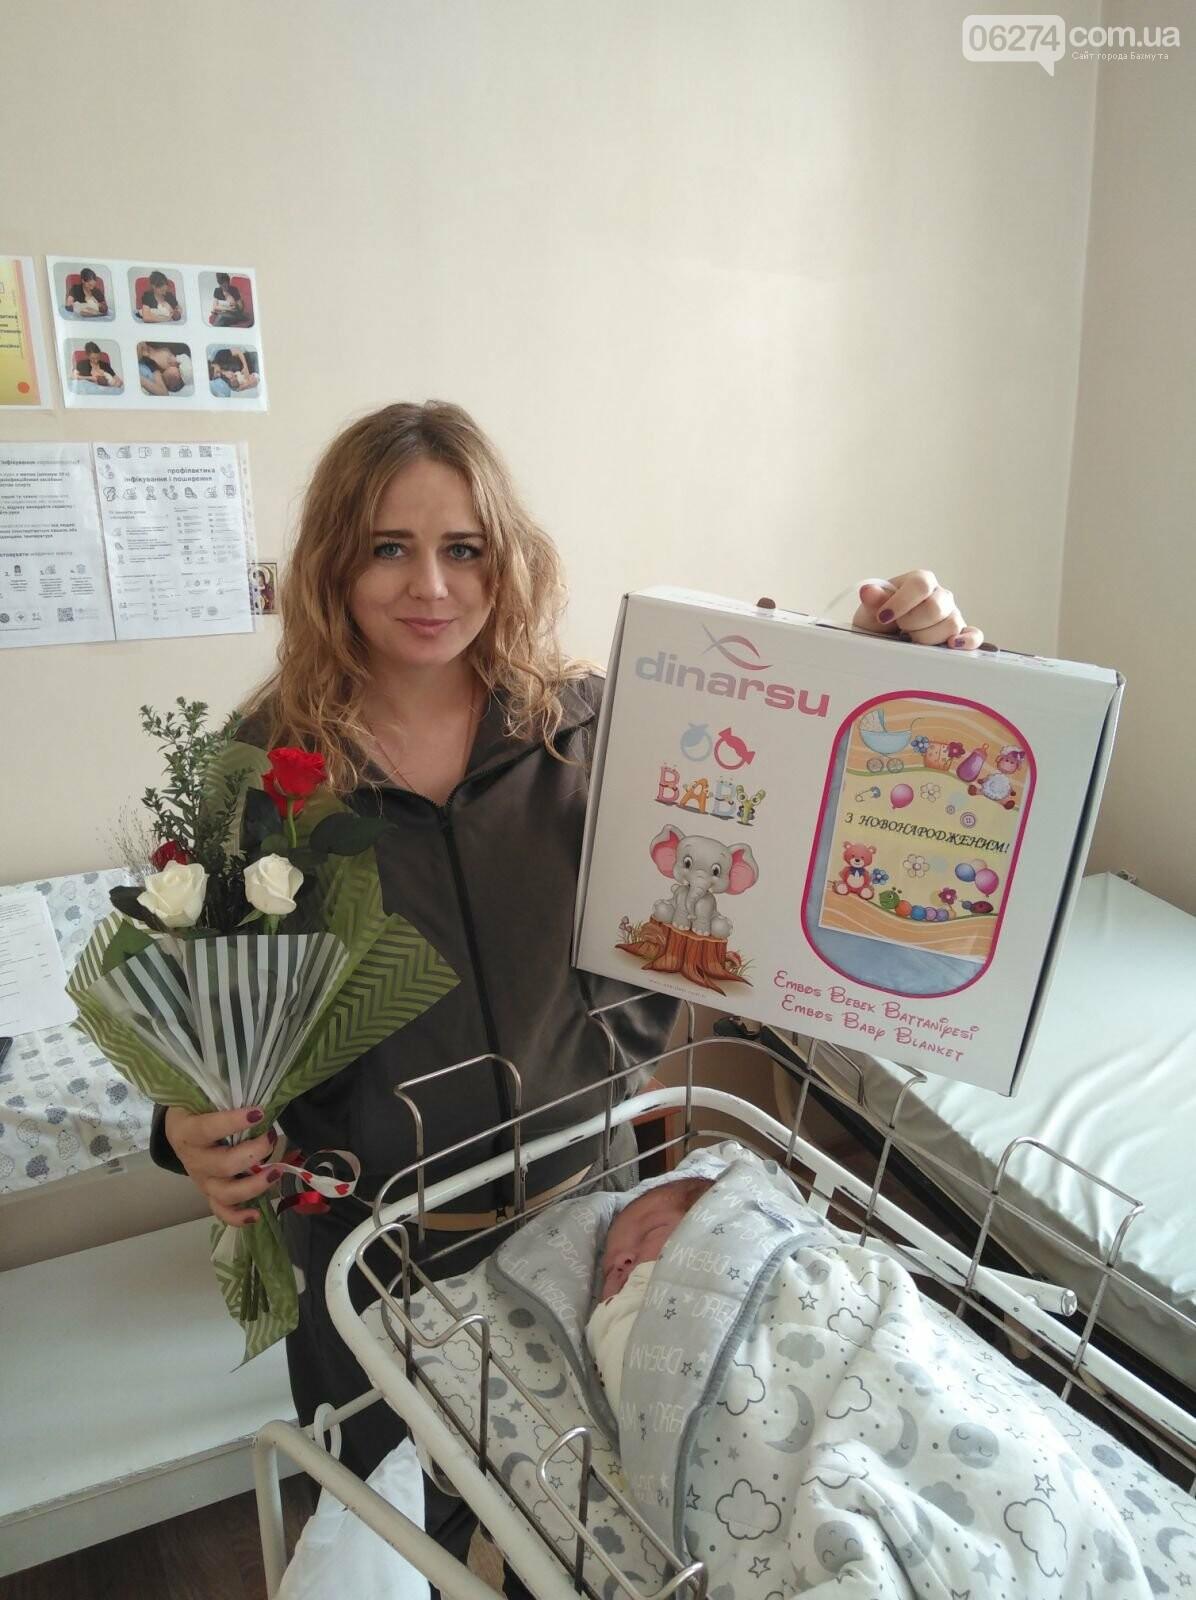 В предпраздничную неделю в Бахмутском роддоме родились 14 младенцев, фото-6